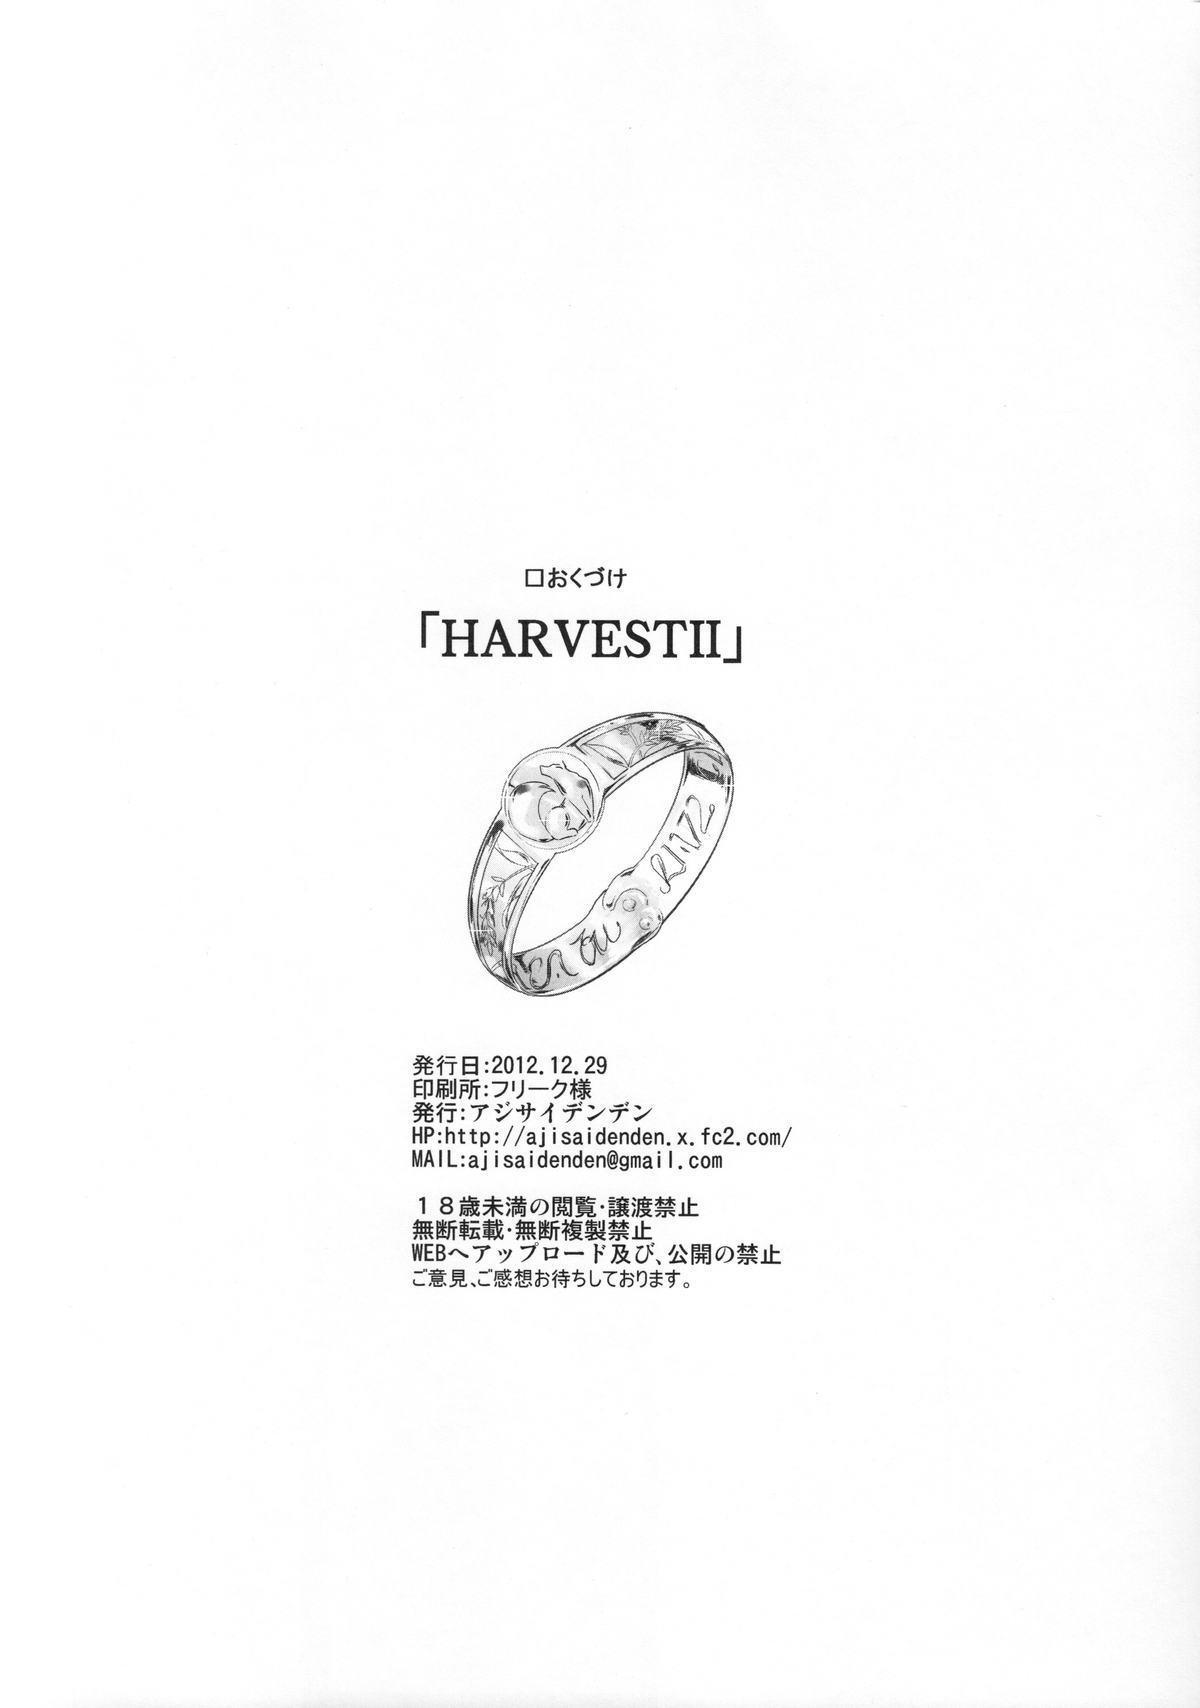 Harvest II 41